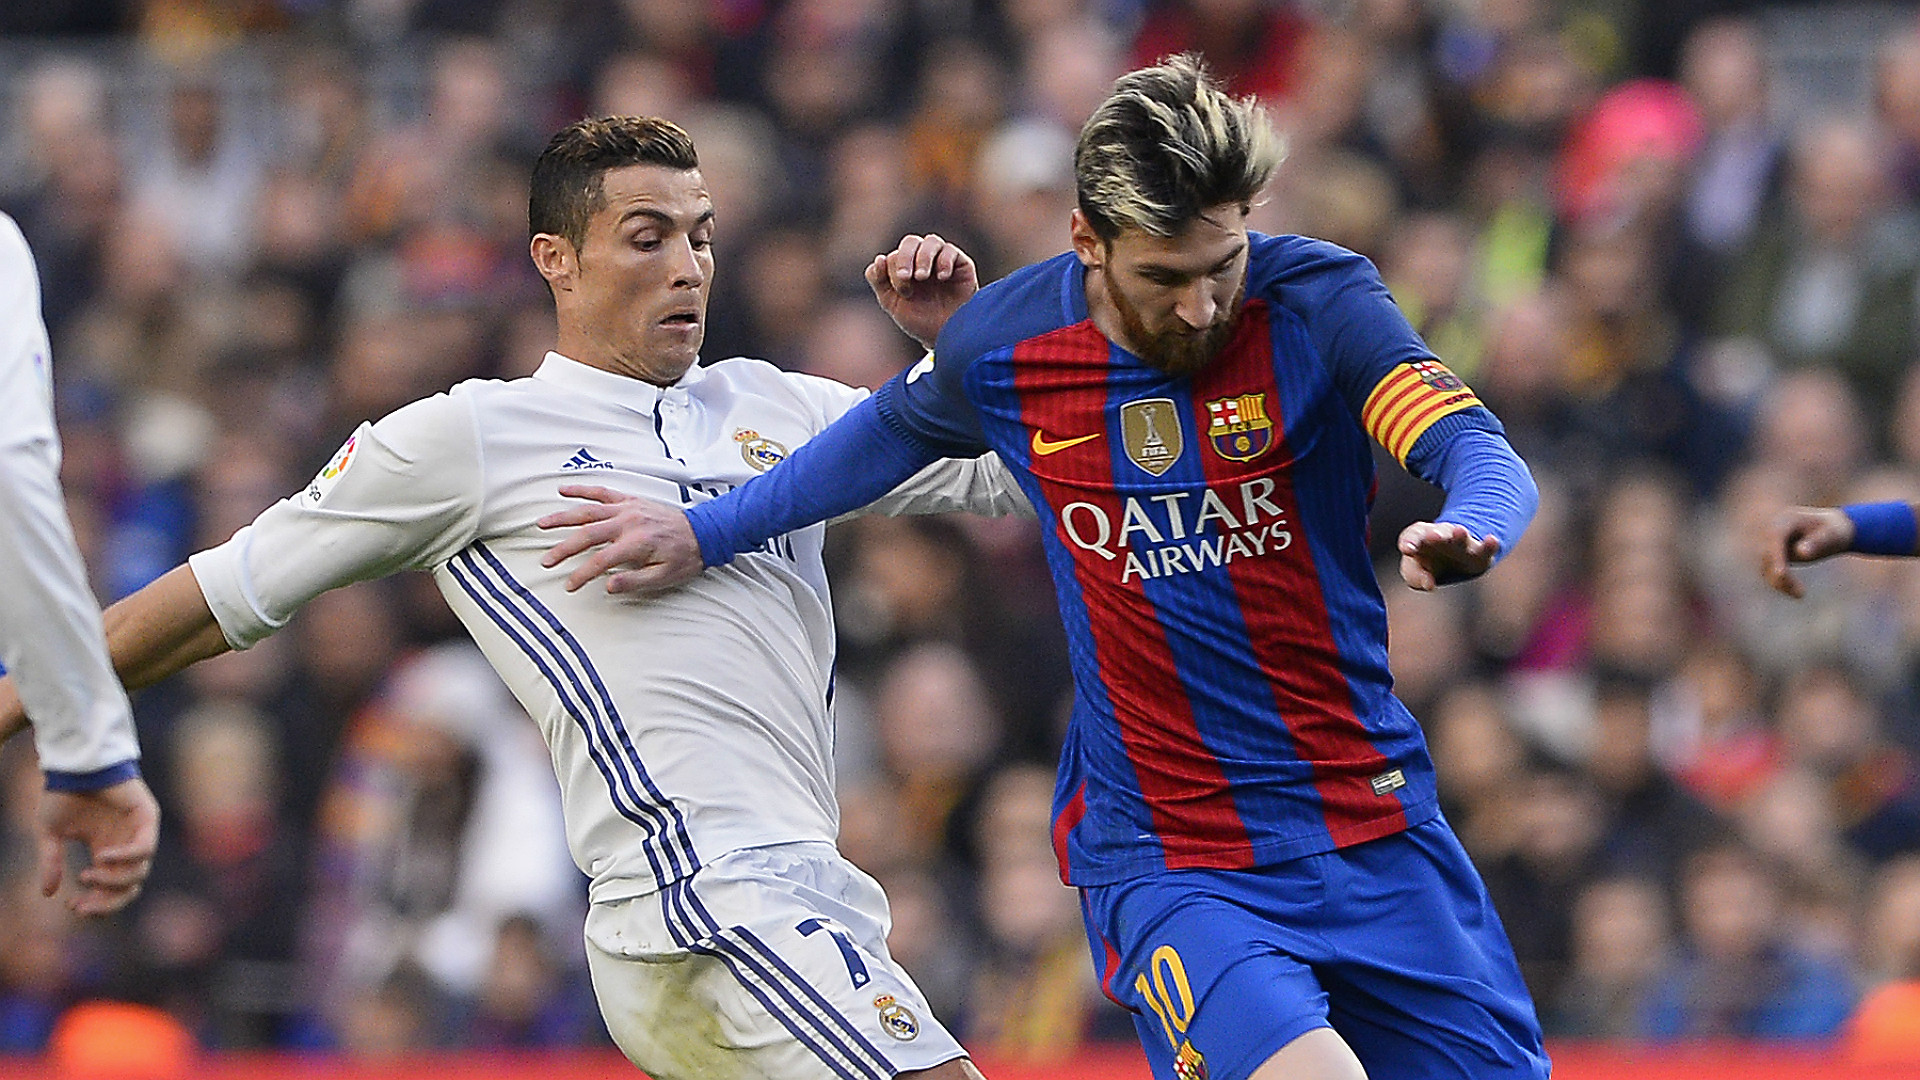 3 أشياء قام بها ليونيل ميسي ضد ريال مدريد لا تنسى